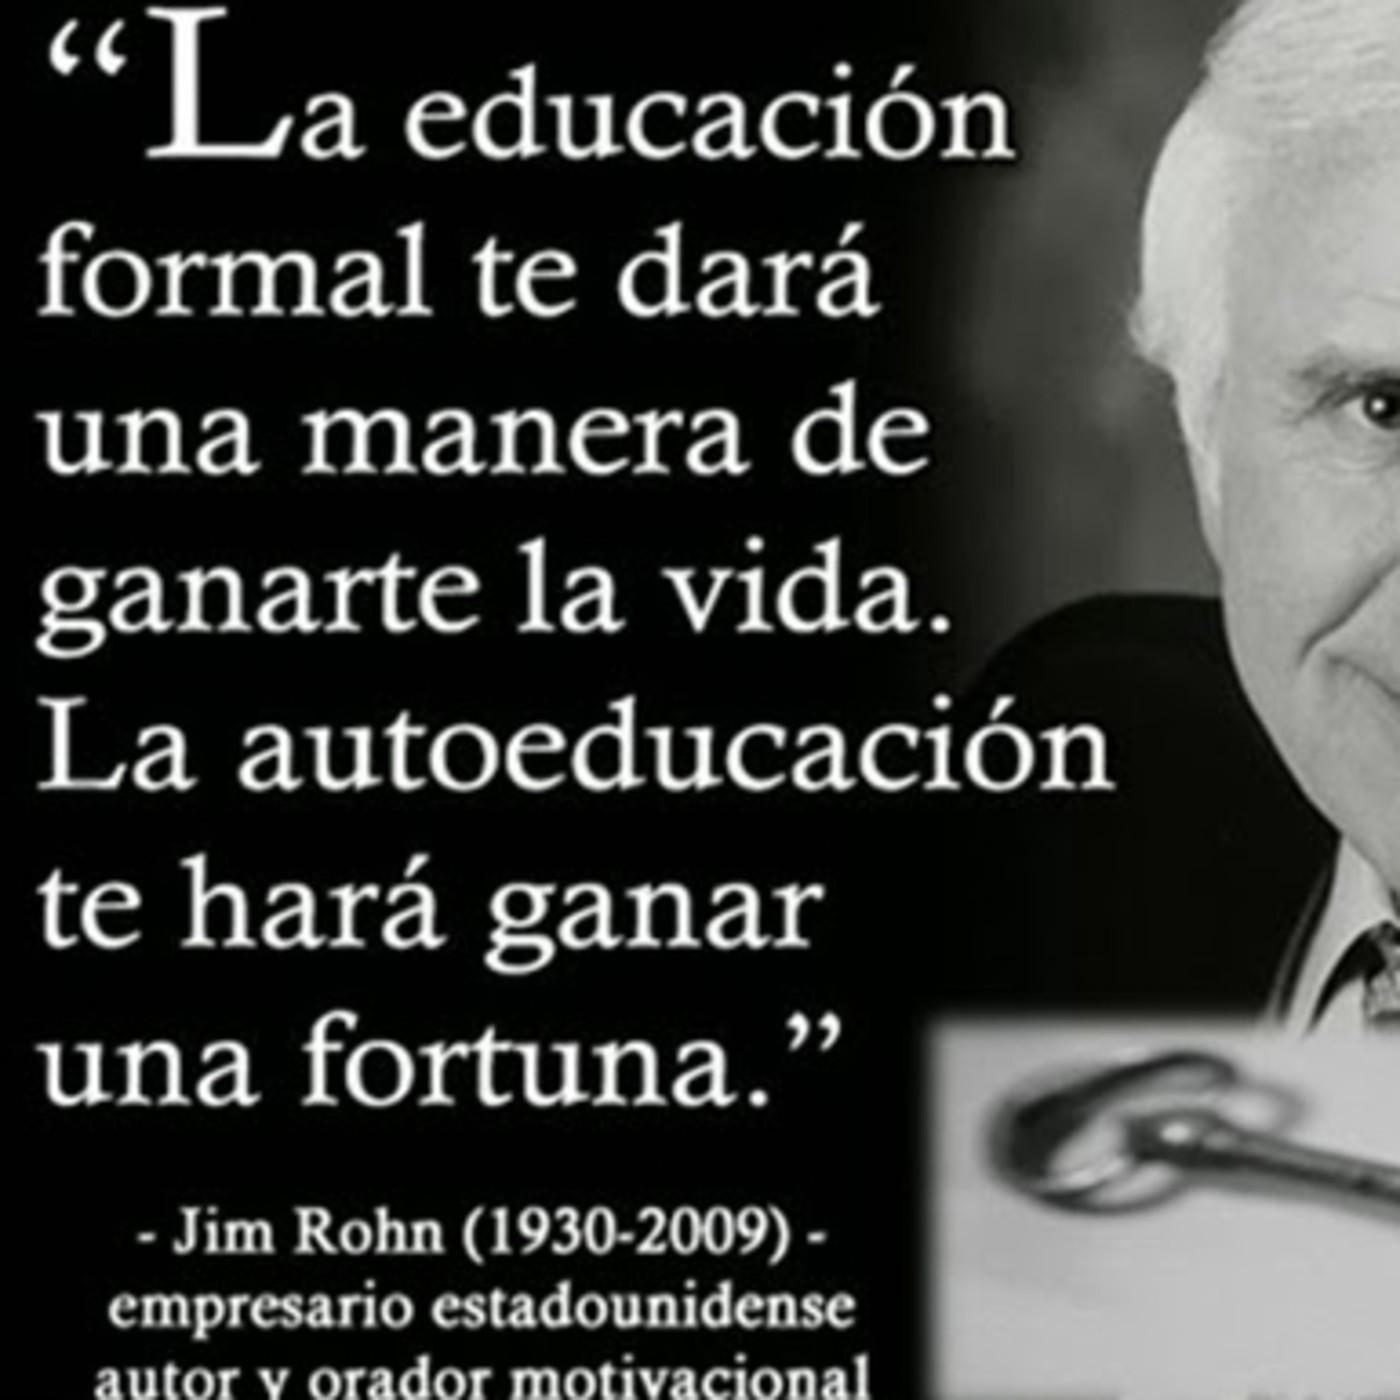 Jim Rohn Evalua Tu Desempeño En Escuela De Negocios Hbl En